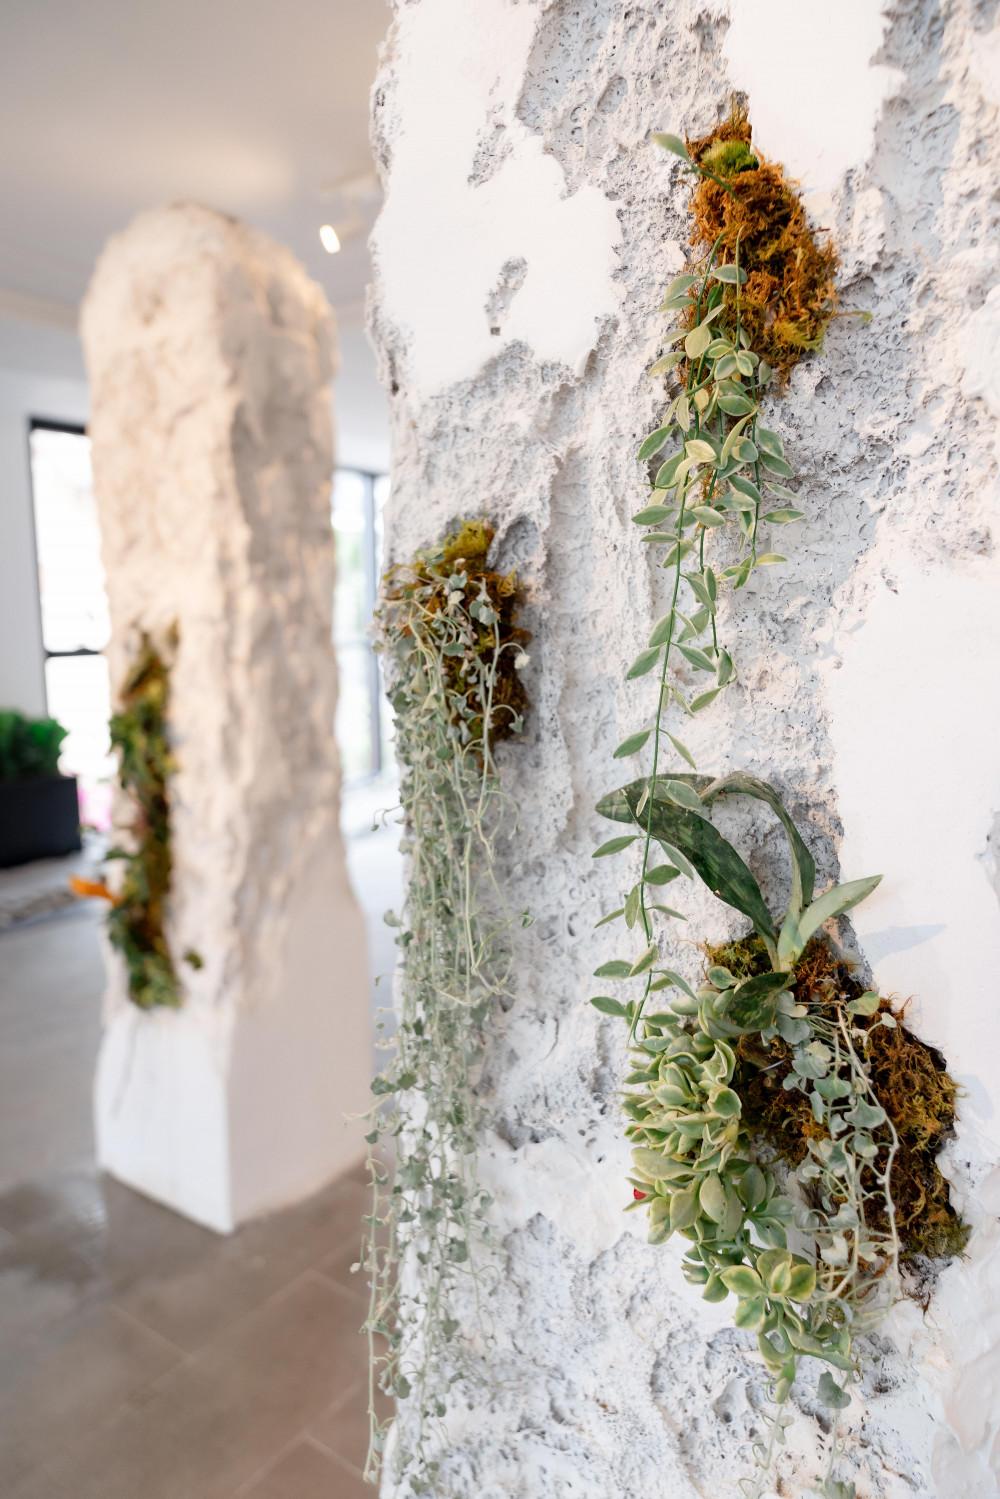 Sự tương phản giữa hoa lá mềm mại và bê tông cốt thép giúp tác phẩm này được chú ý. Anh Nam quan niệm sự sống sẽ tồn tại ở bất kỳ đâu, dẫu là vùng đất khô cằn nhất. Tác phẩm này hiện đã có một đơn vị đặt mua.